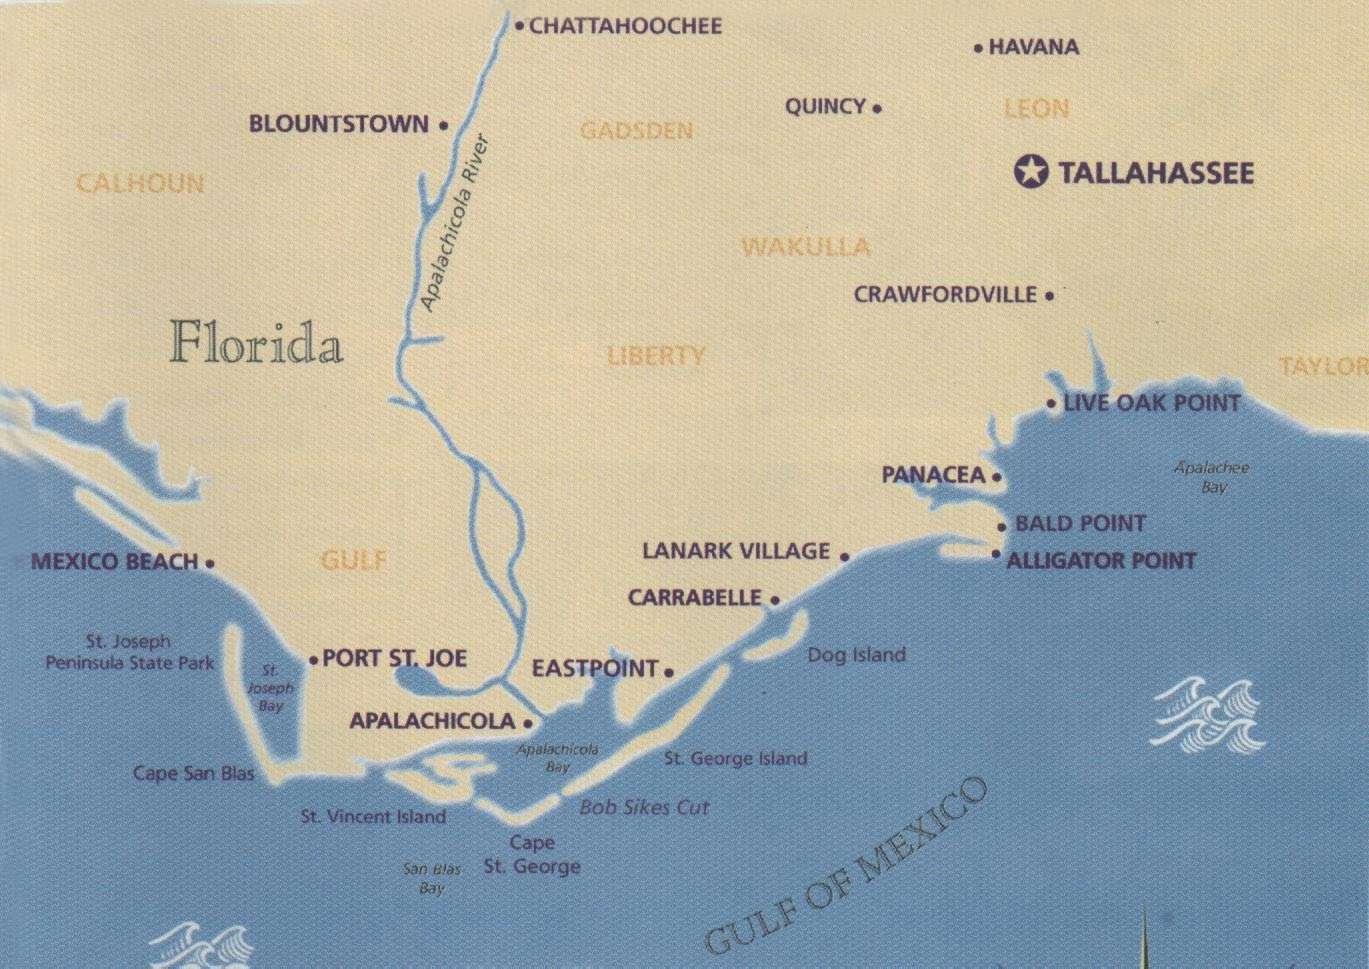 Coastal Gems Real Estate: Carrabelle, Fl- St. George Island, Fl - Carrabelle Island Florida Map